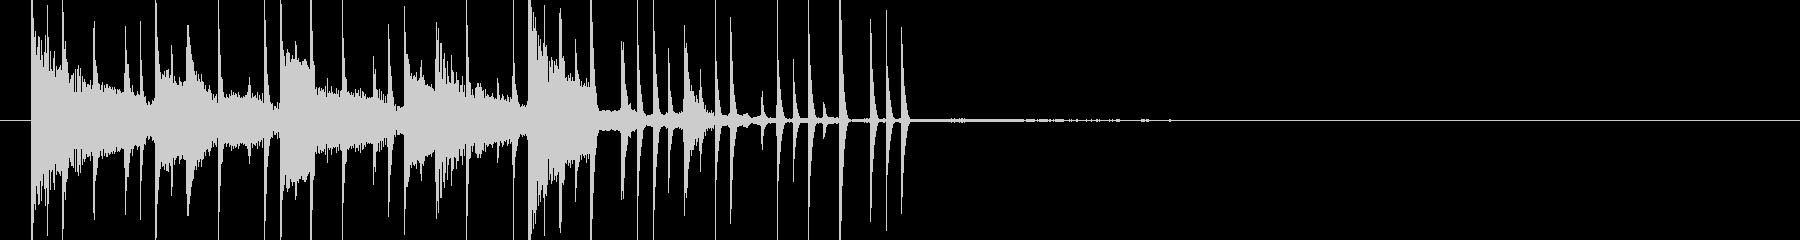 電子音がコロコロ転がっていくような音の未再生の波形